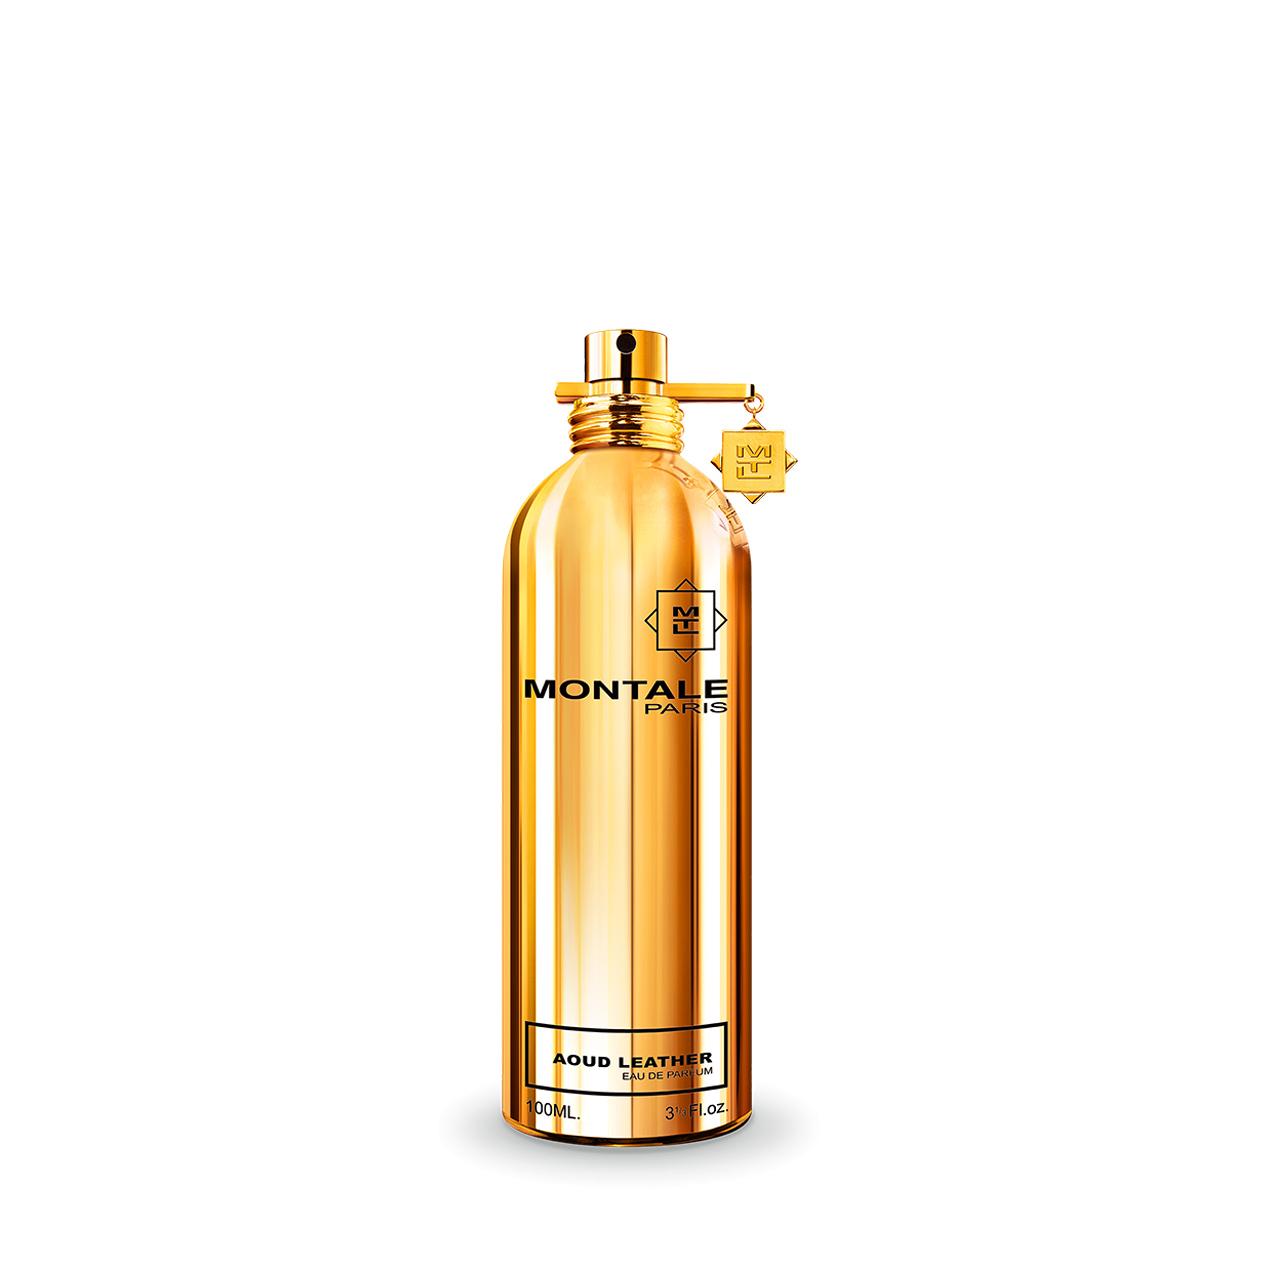 Aoud Leather - Eau de Parfum